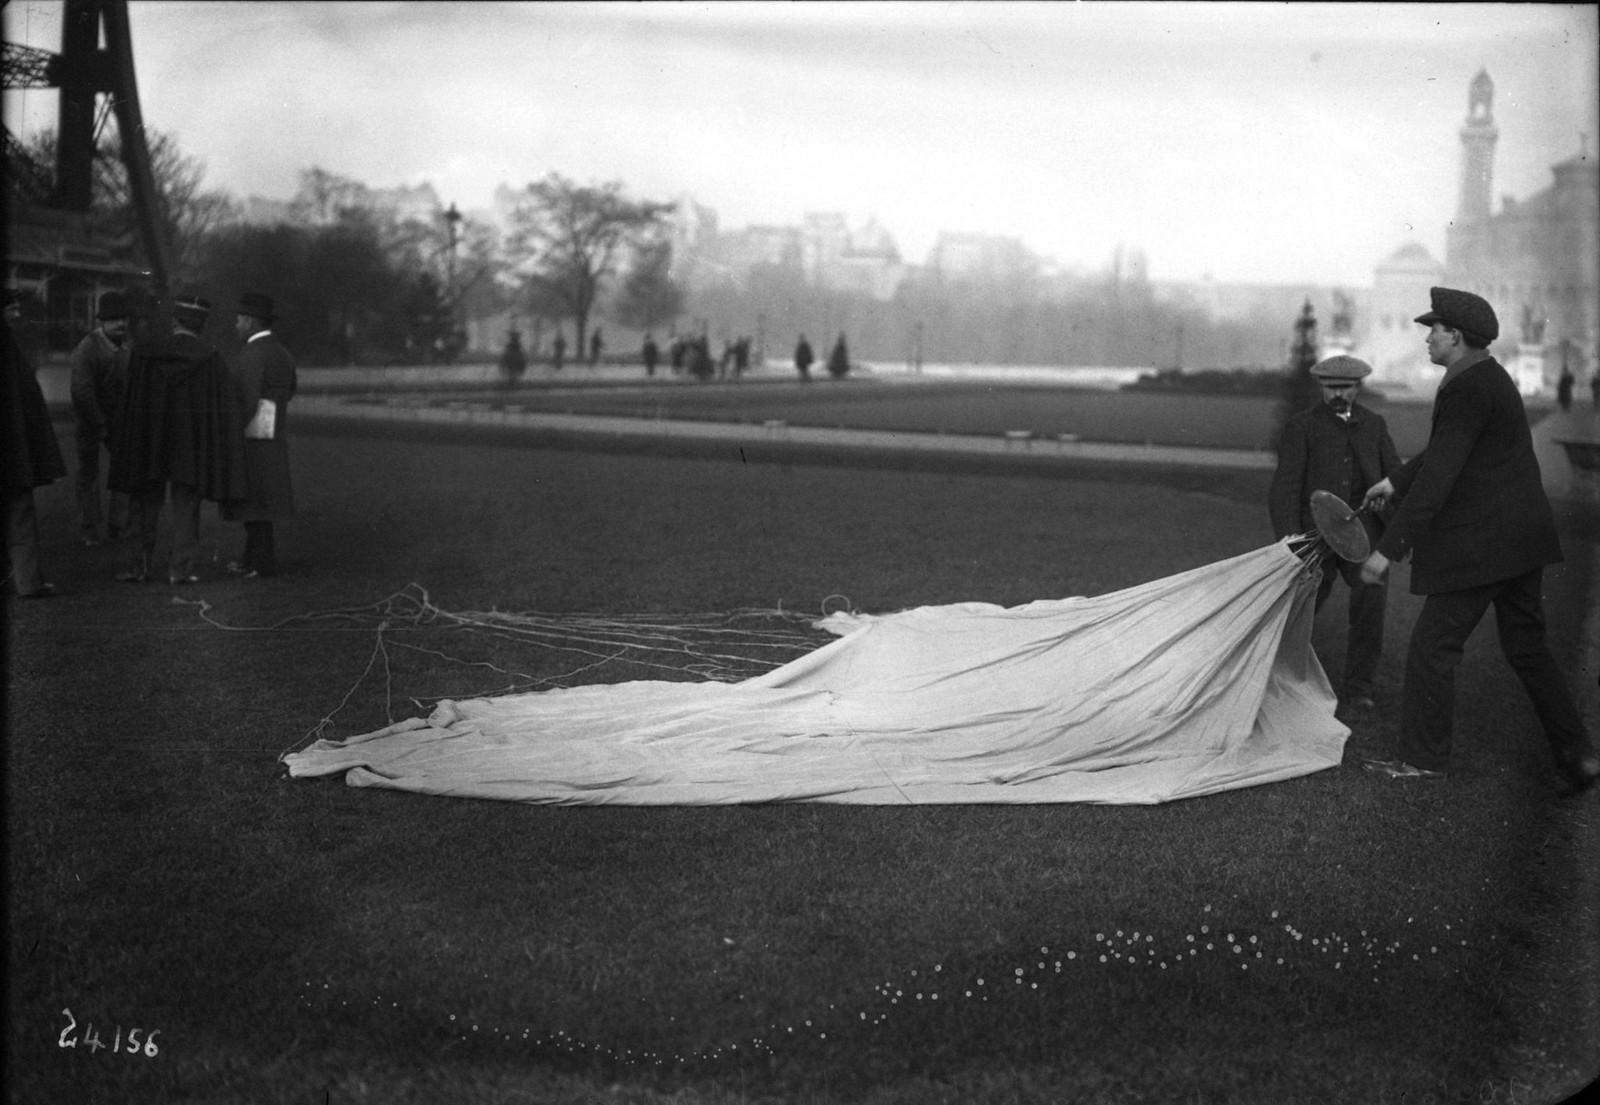 1912. Парашютные испытания М. Майу на Эйфелевой башне. 20 октября